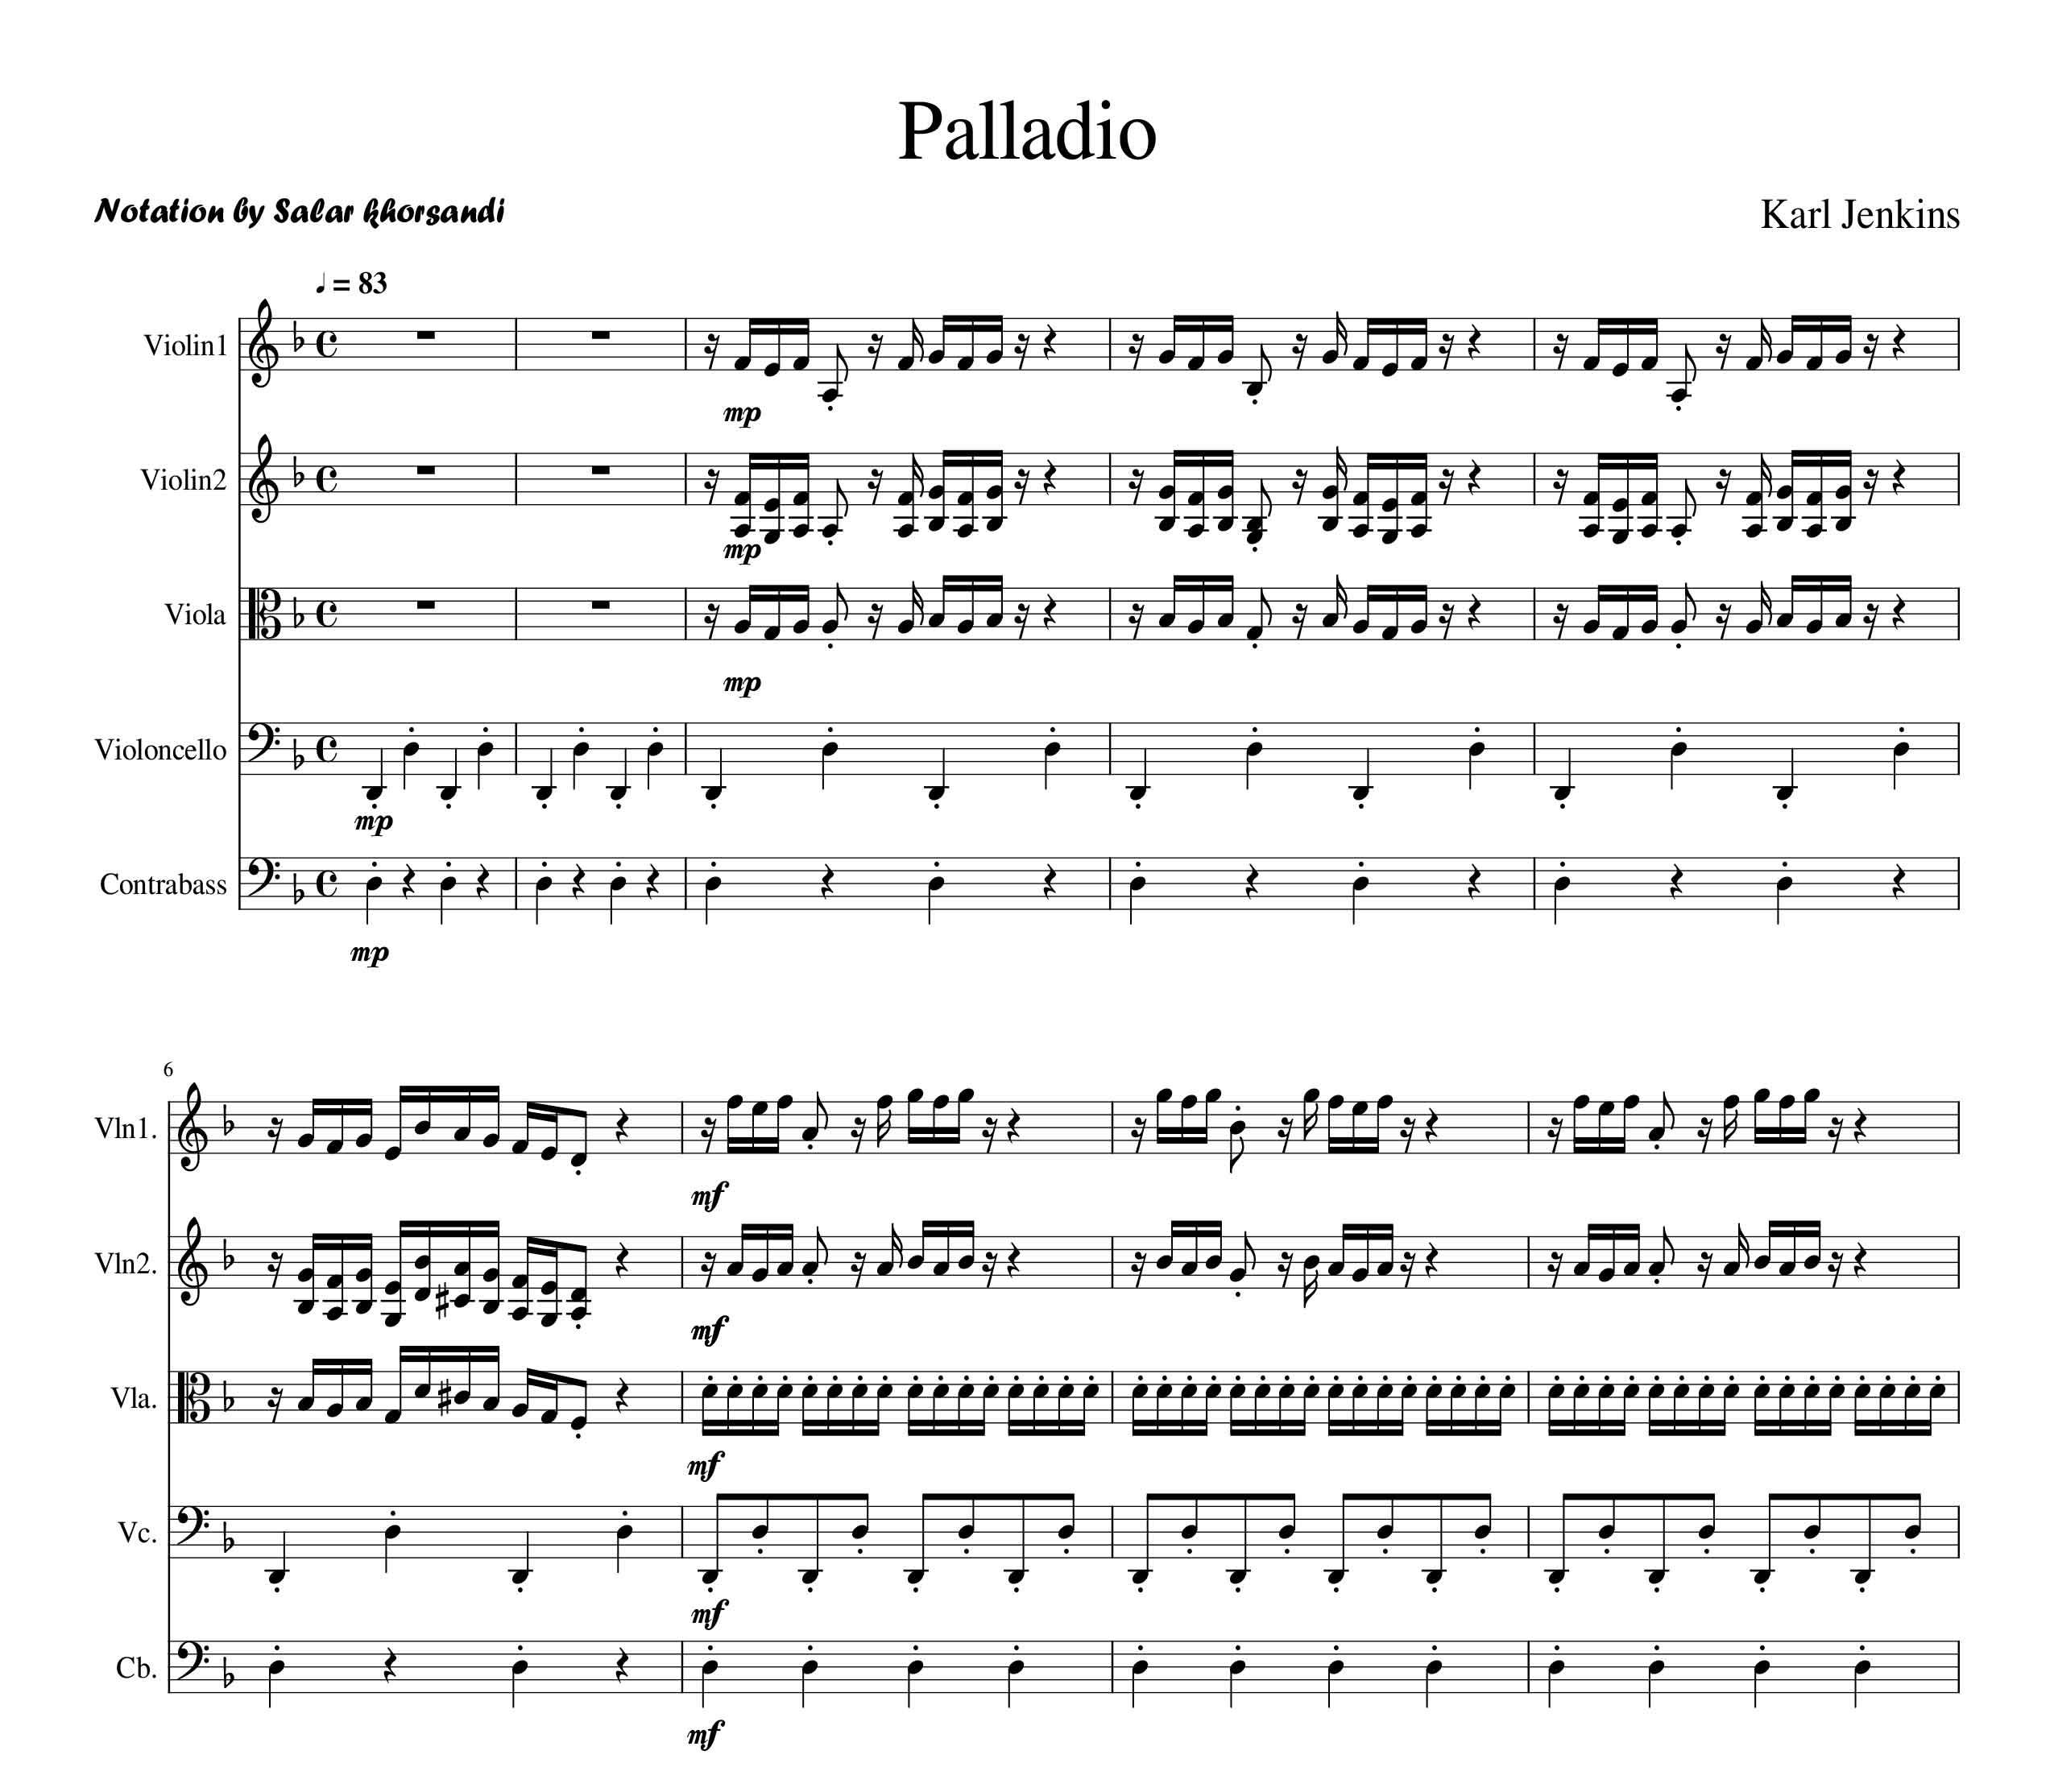 پارتیتور Palladio از Karl Jenkins